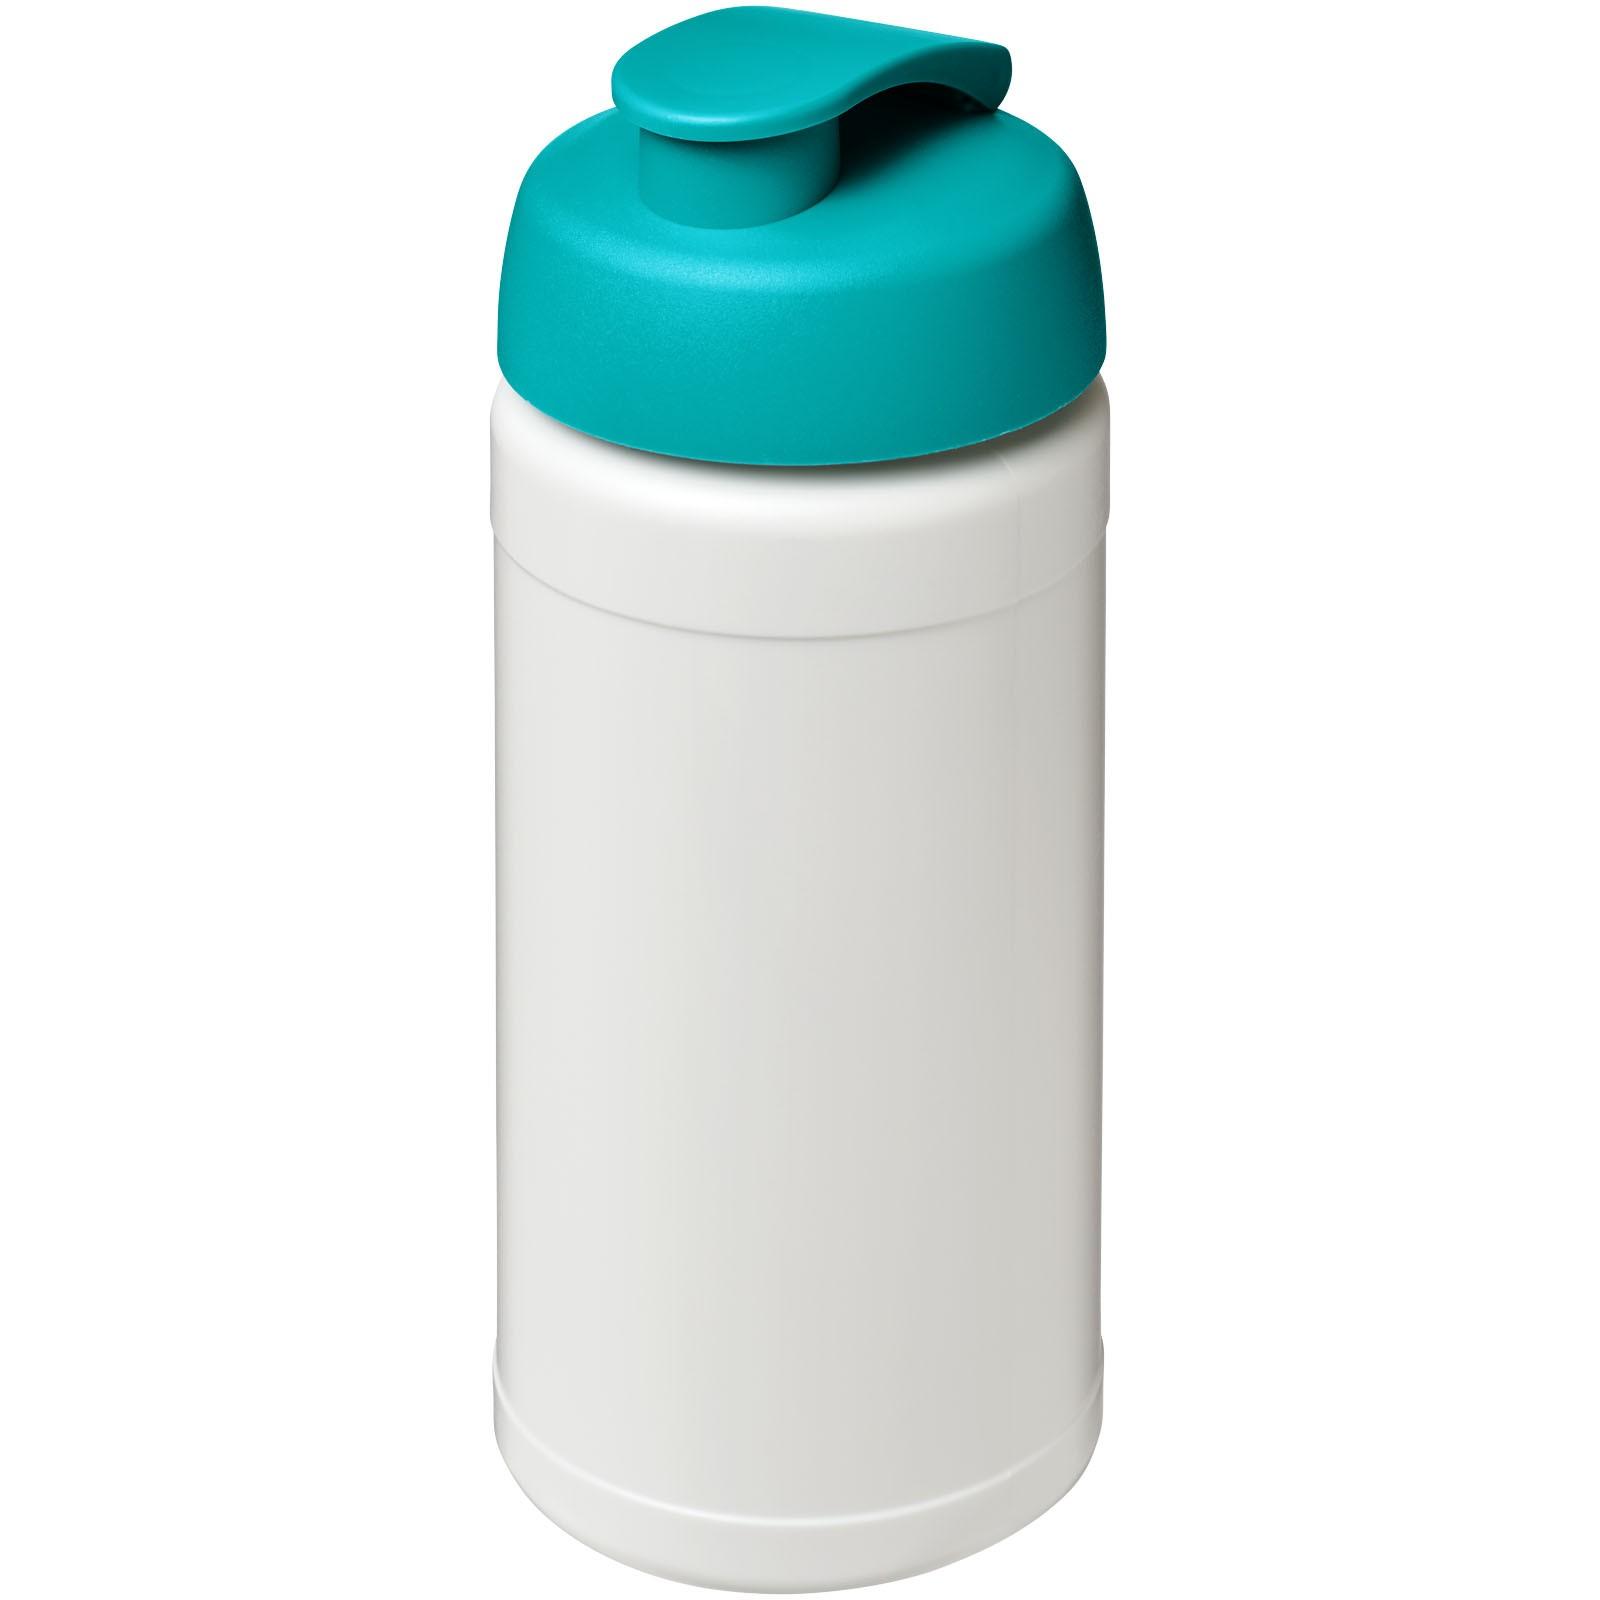 Sportovní láhev s vyklápěcím víčkem Baseline® Plus 500 ml - Bílá / Tyrkysová